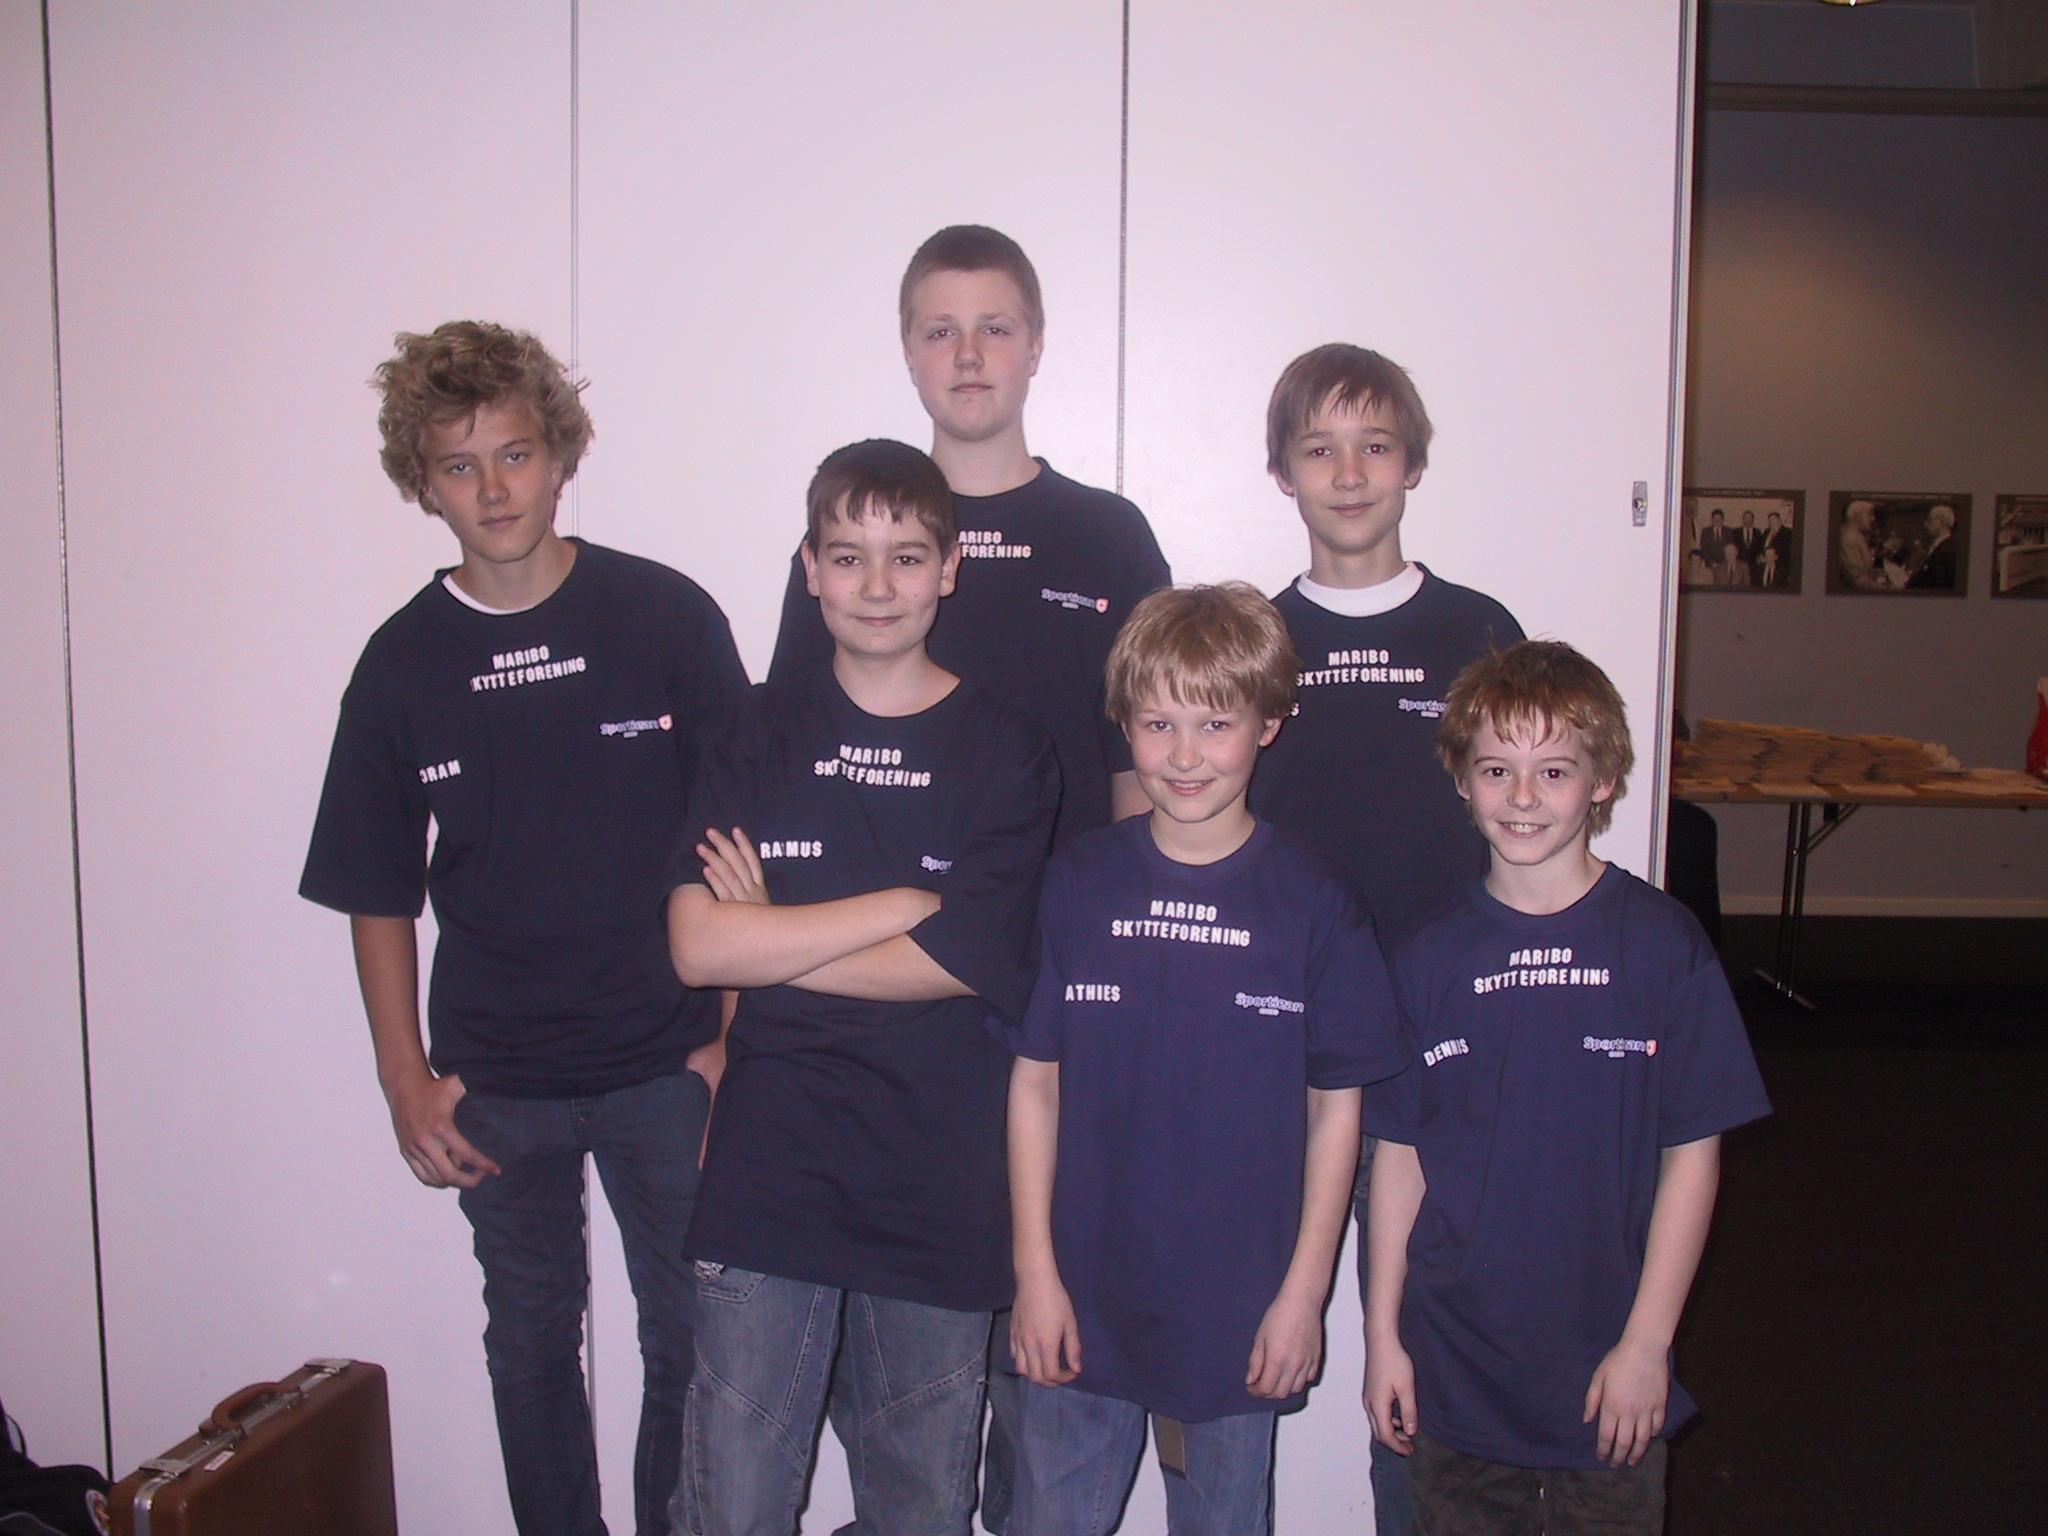 2008 - DM Herning